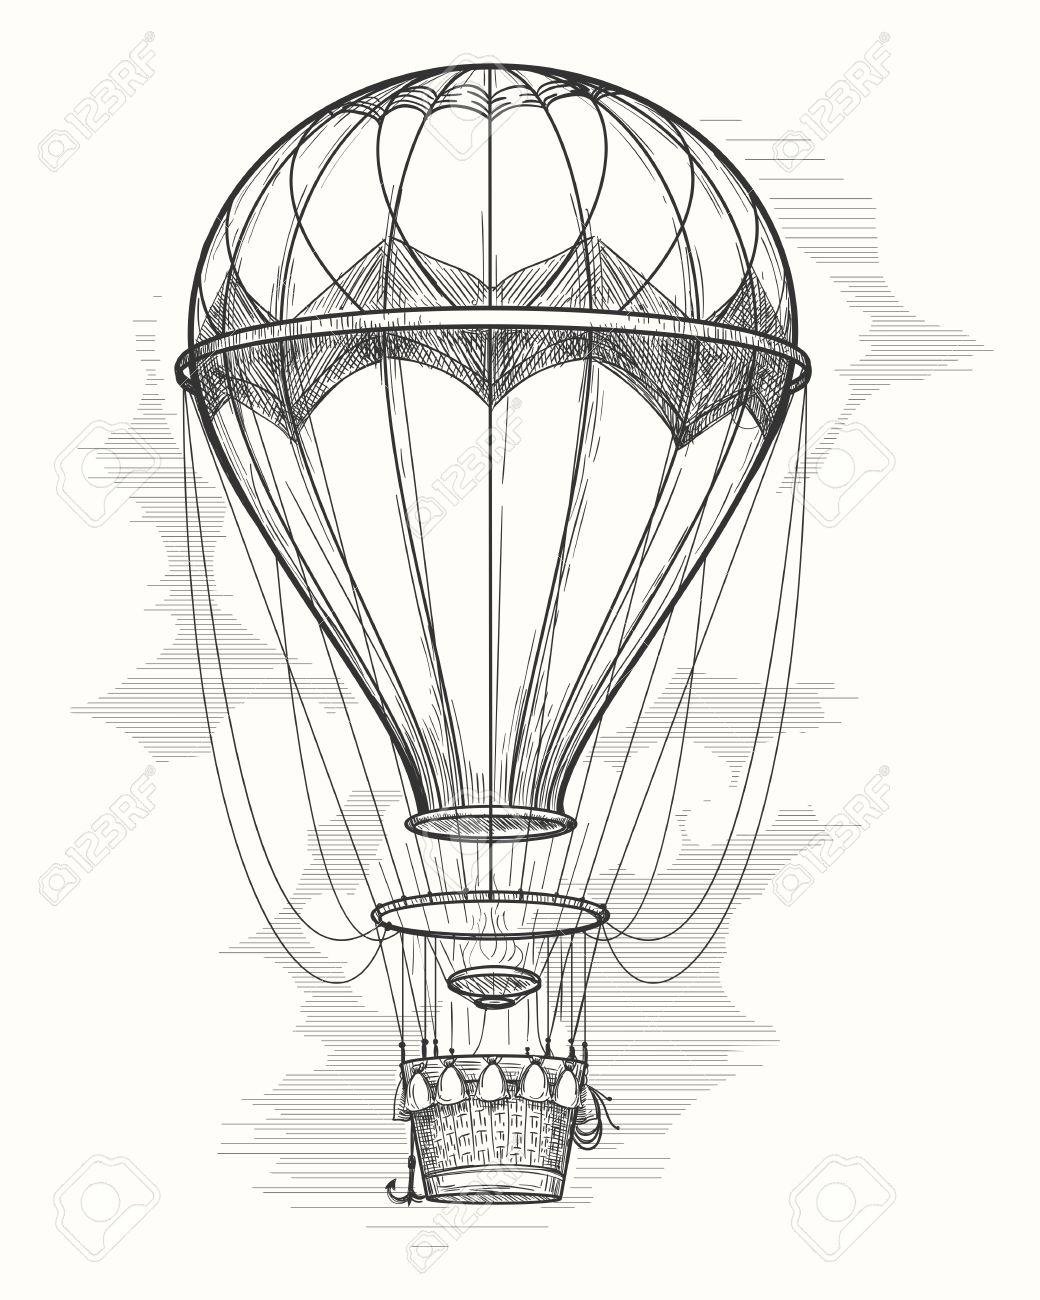 Retro hand drawing hot air balloon. Vintage hot air airship vector sketch - 66799453